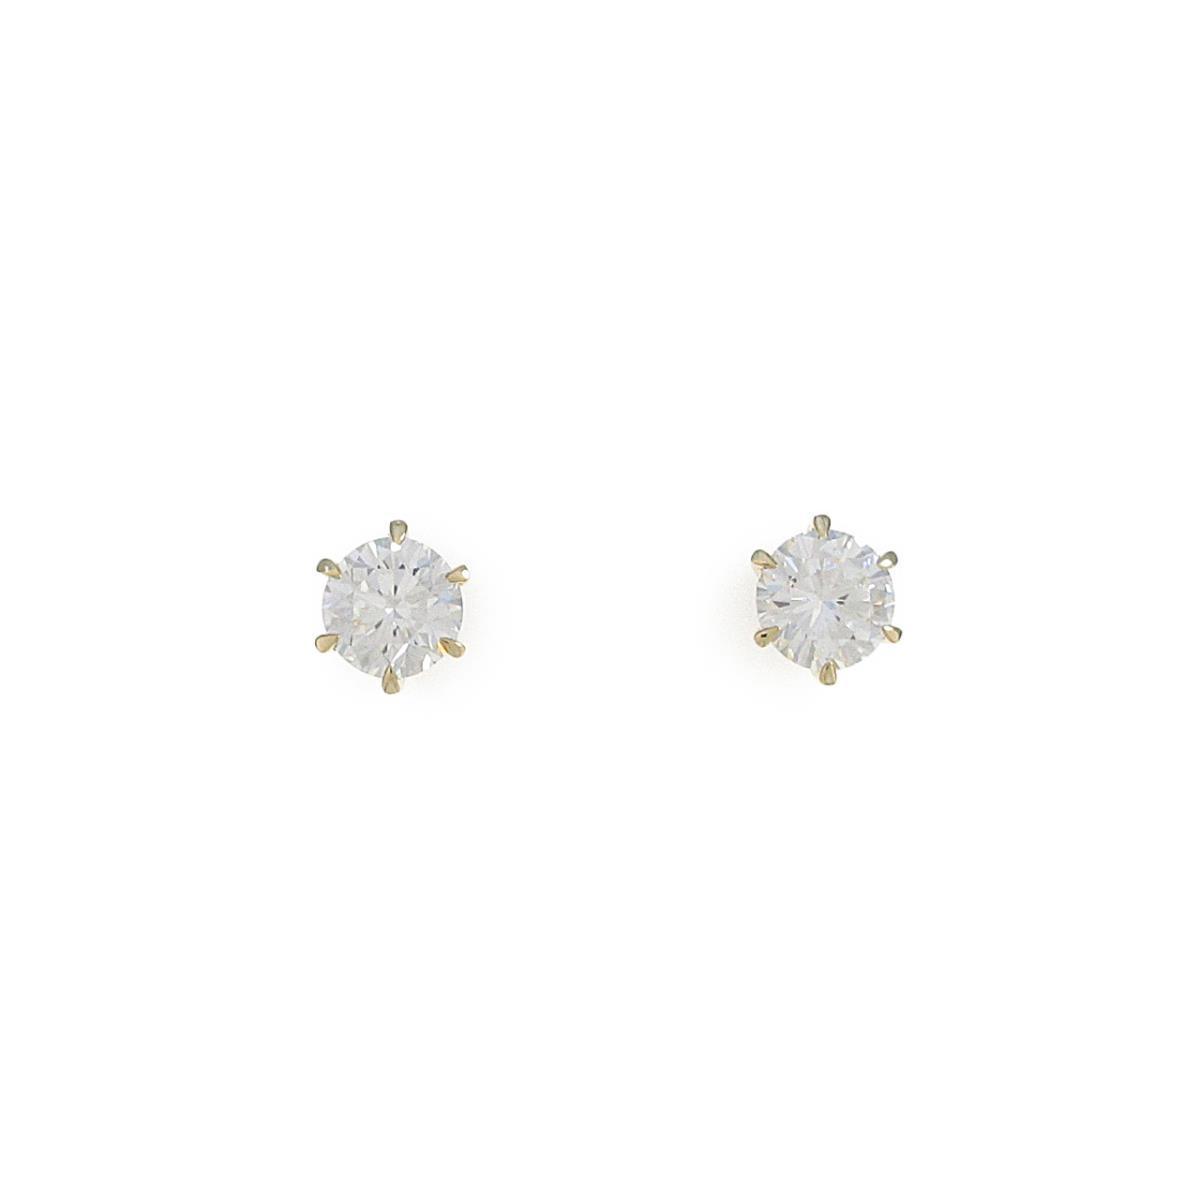 【リメイク】K18YG/ST ダイヤモンドピアス 0.508ct・0.526ct・H-I・VS1・VG-GOOD【中古】